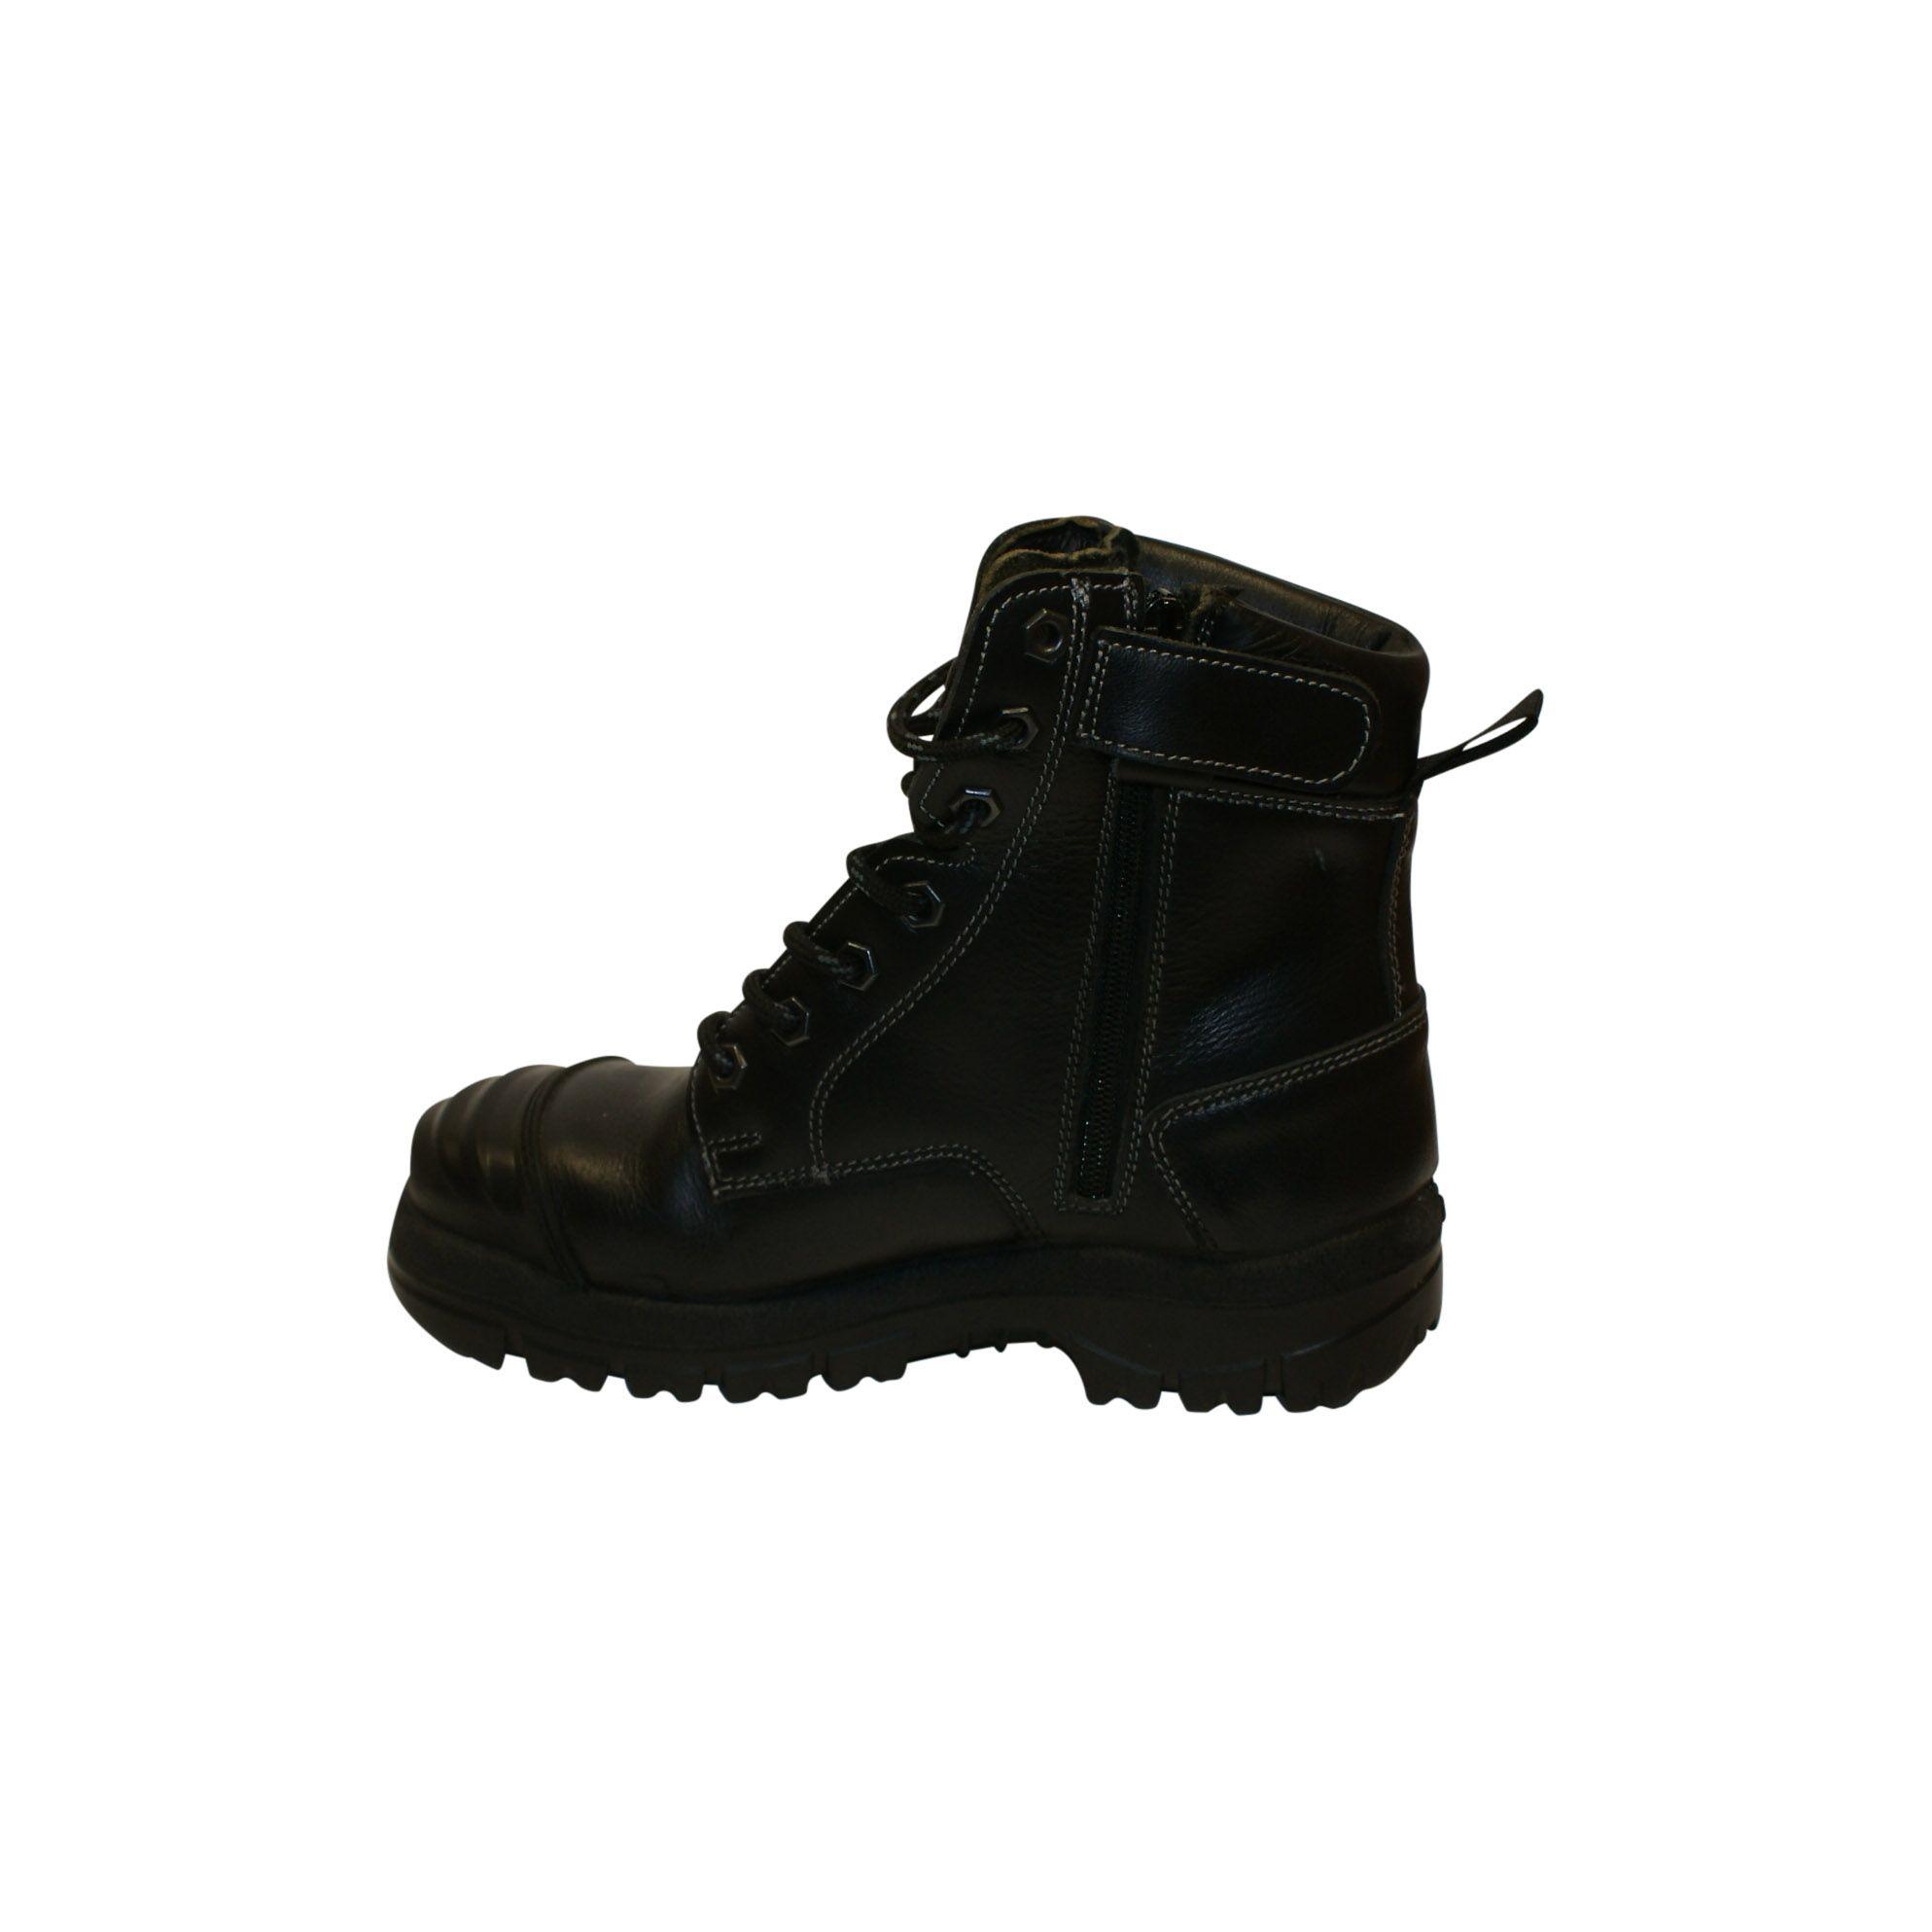 Goliath arbejdsstøvle, lang, m. sikkerhed, Dansk Militær, ubrugt